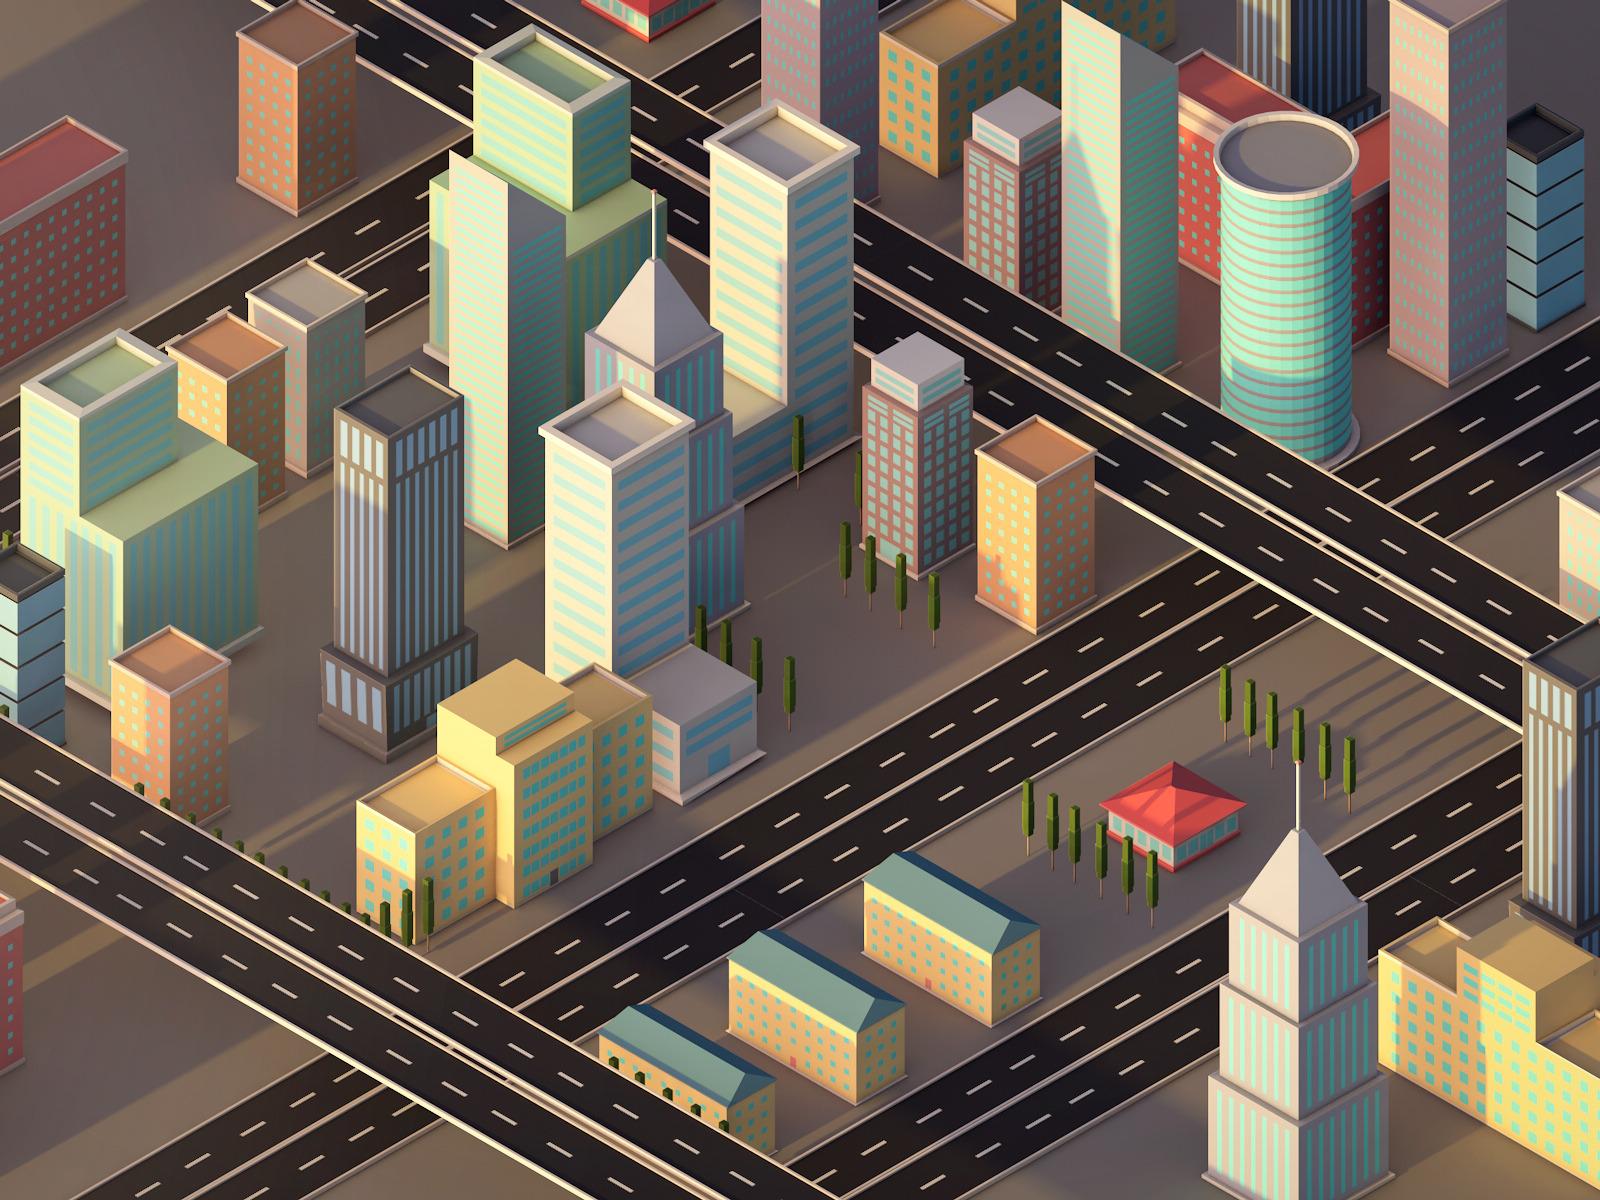 Low Poly City Pack 1 By Antonmoek 3docean